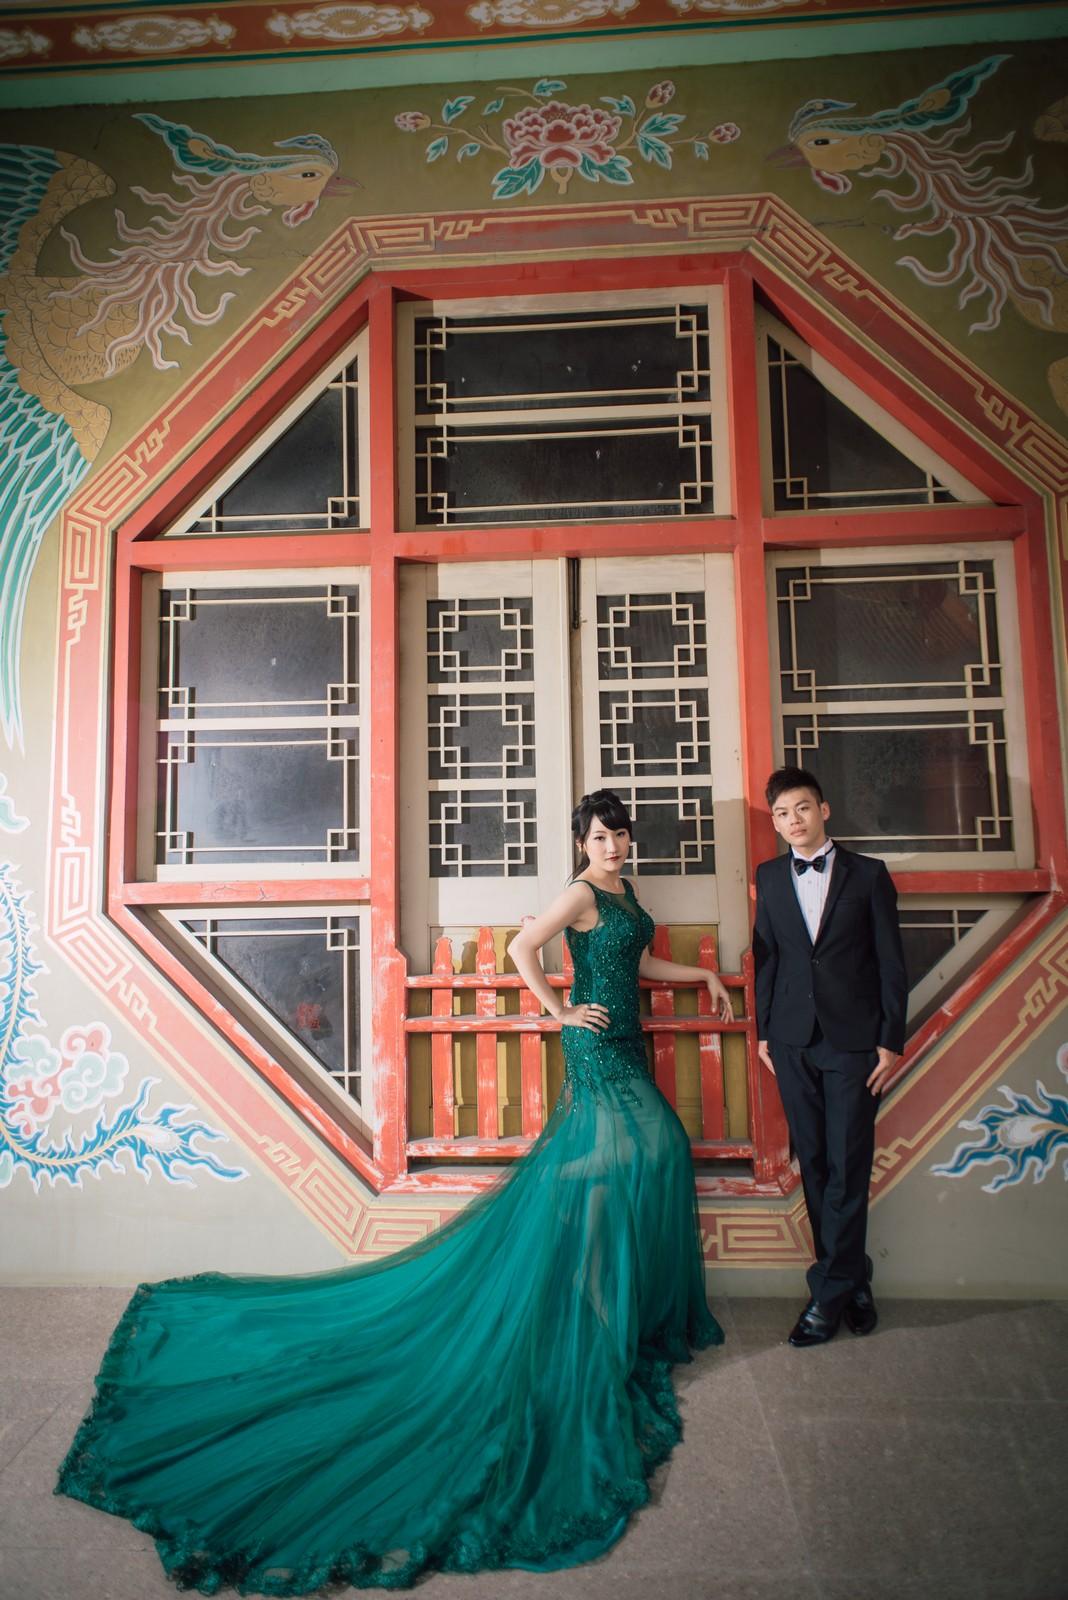 自助婚紗,自主婚紗推薦,台南 自助婚紗,tn31